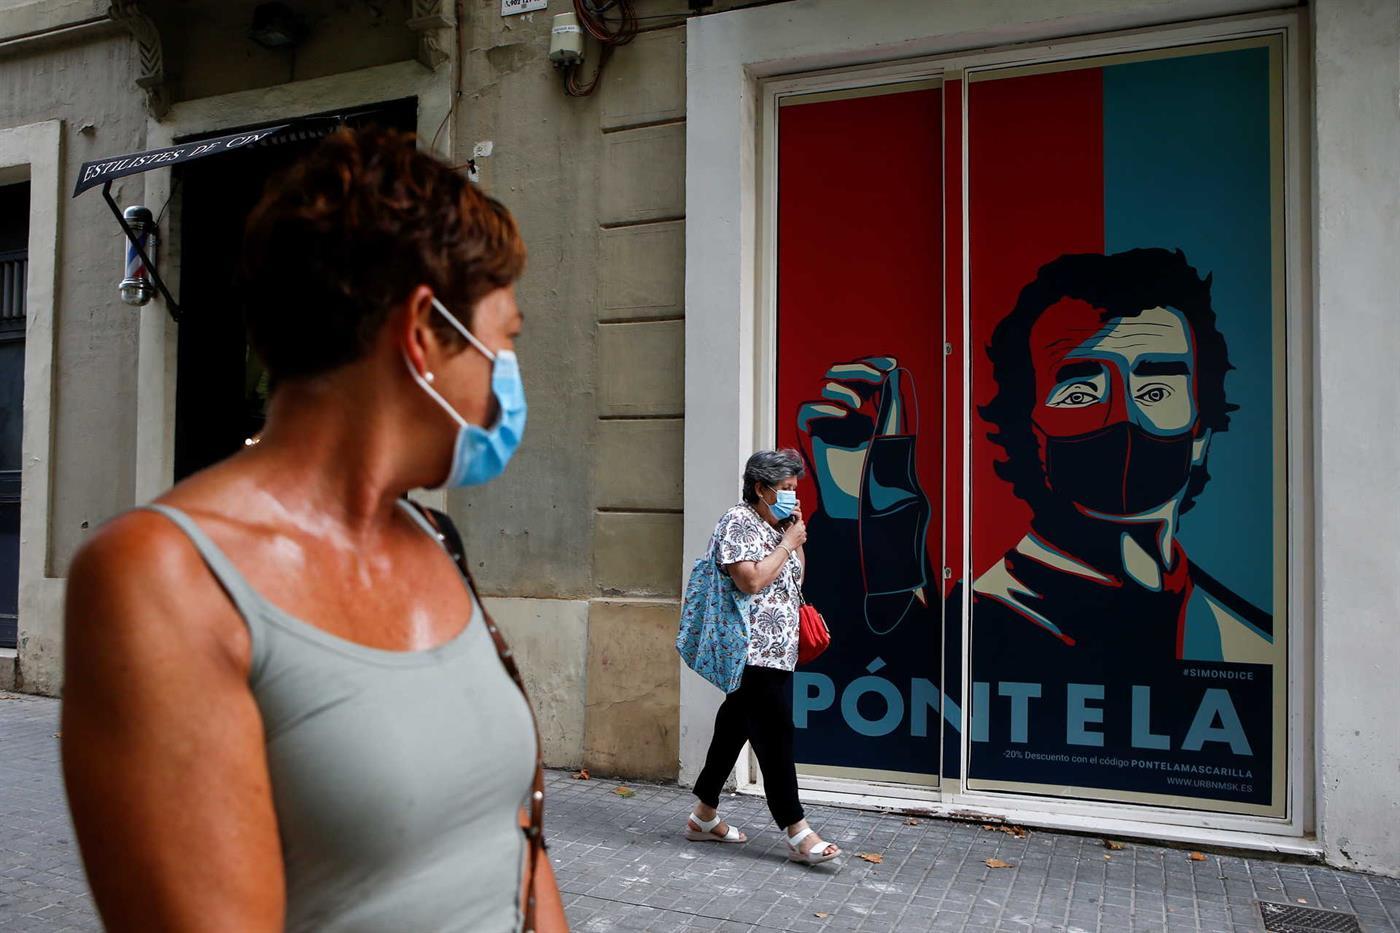 Habitantes de Barcelona aconselhados a ficar em casa devido a ...